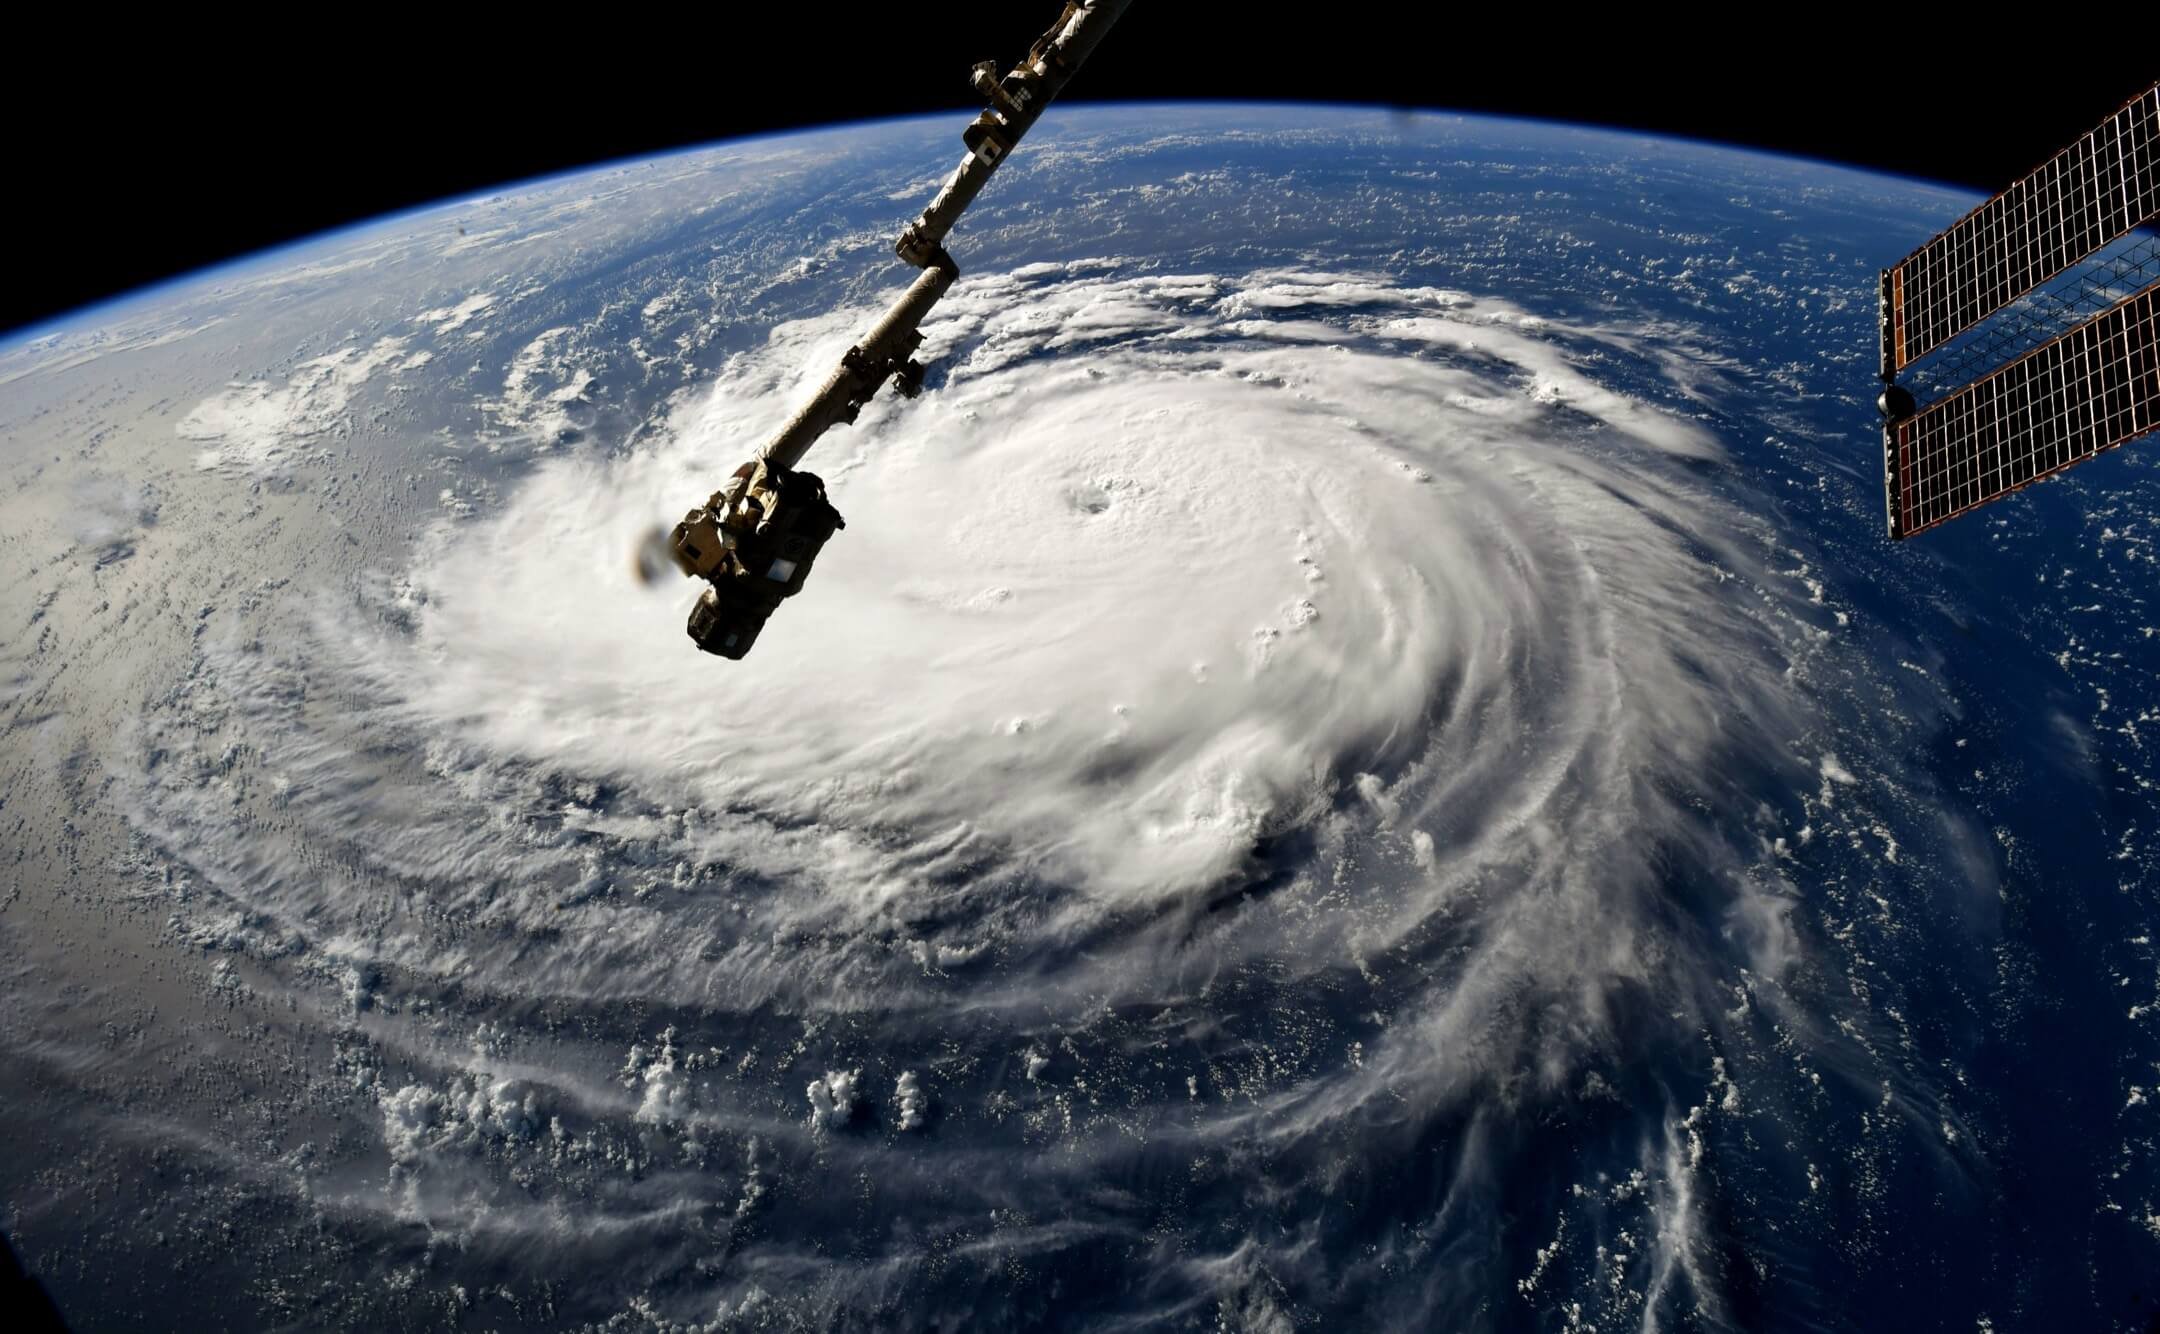 2018年9月10日,四級颶風「佛羅倫斯」正迫近美國東南部,當地氣象部門估計颶風的最強持續風力達到每小時220公里,南北卡羅來納州州長都分別呼籲當地市民盡快撤離。圖片由美國太空總署太空人Ricky Arnold從國際太空站拍攝。